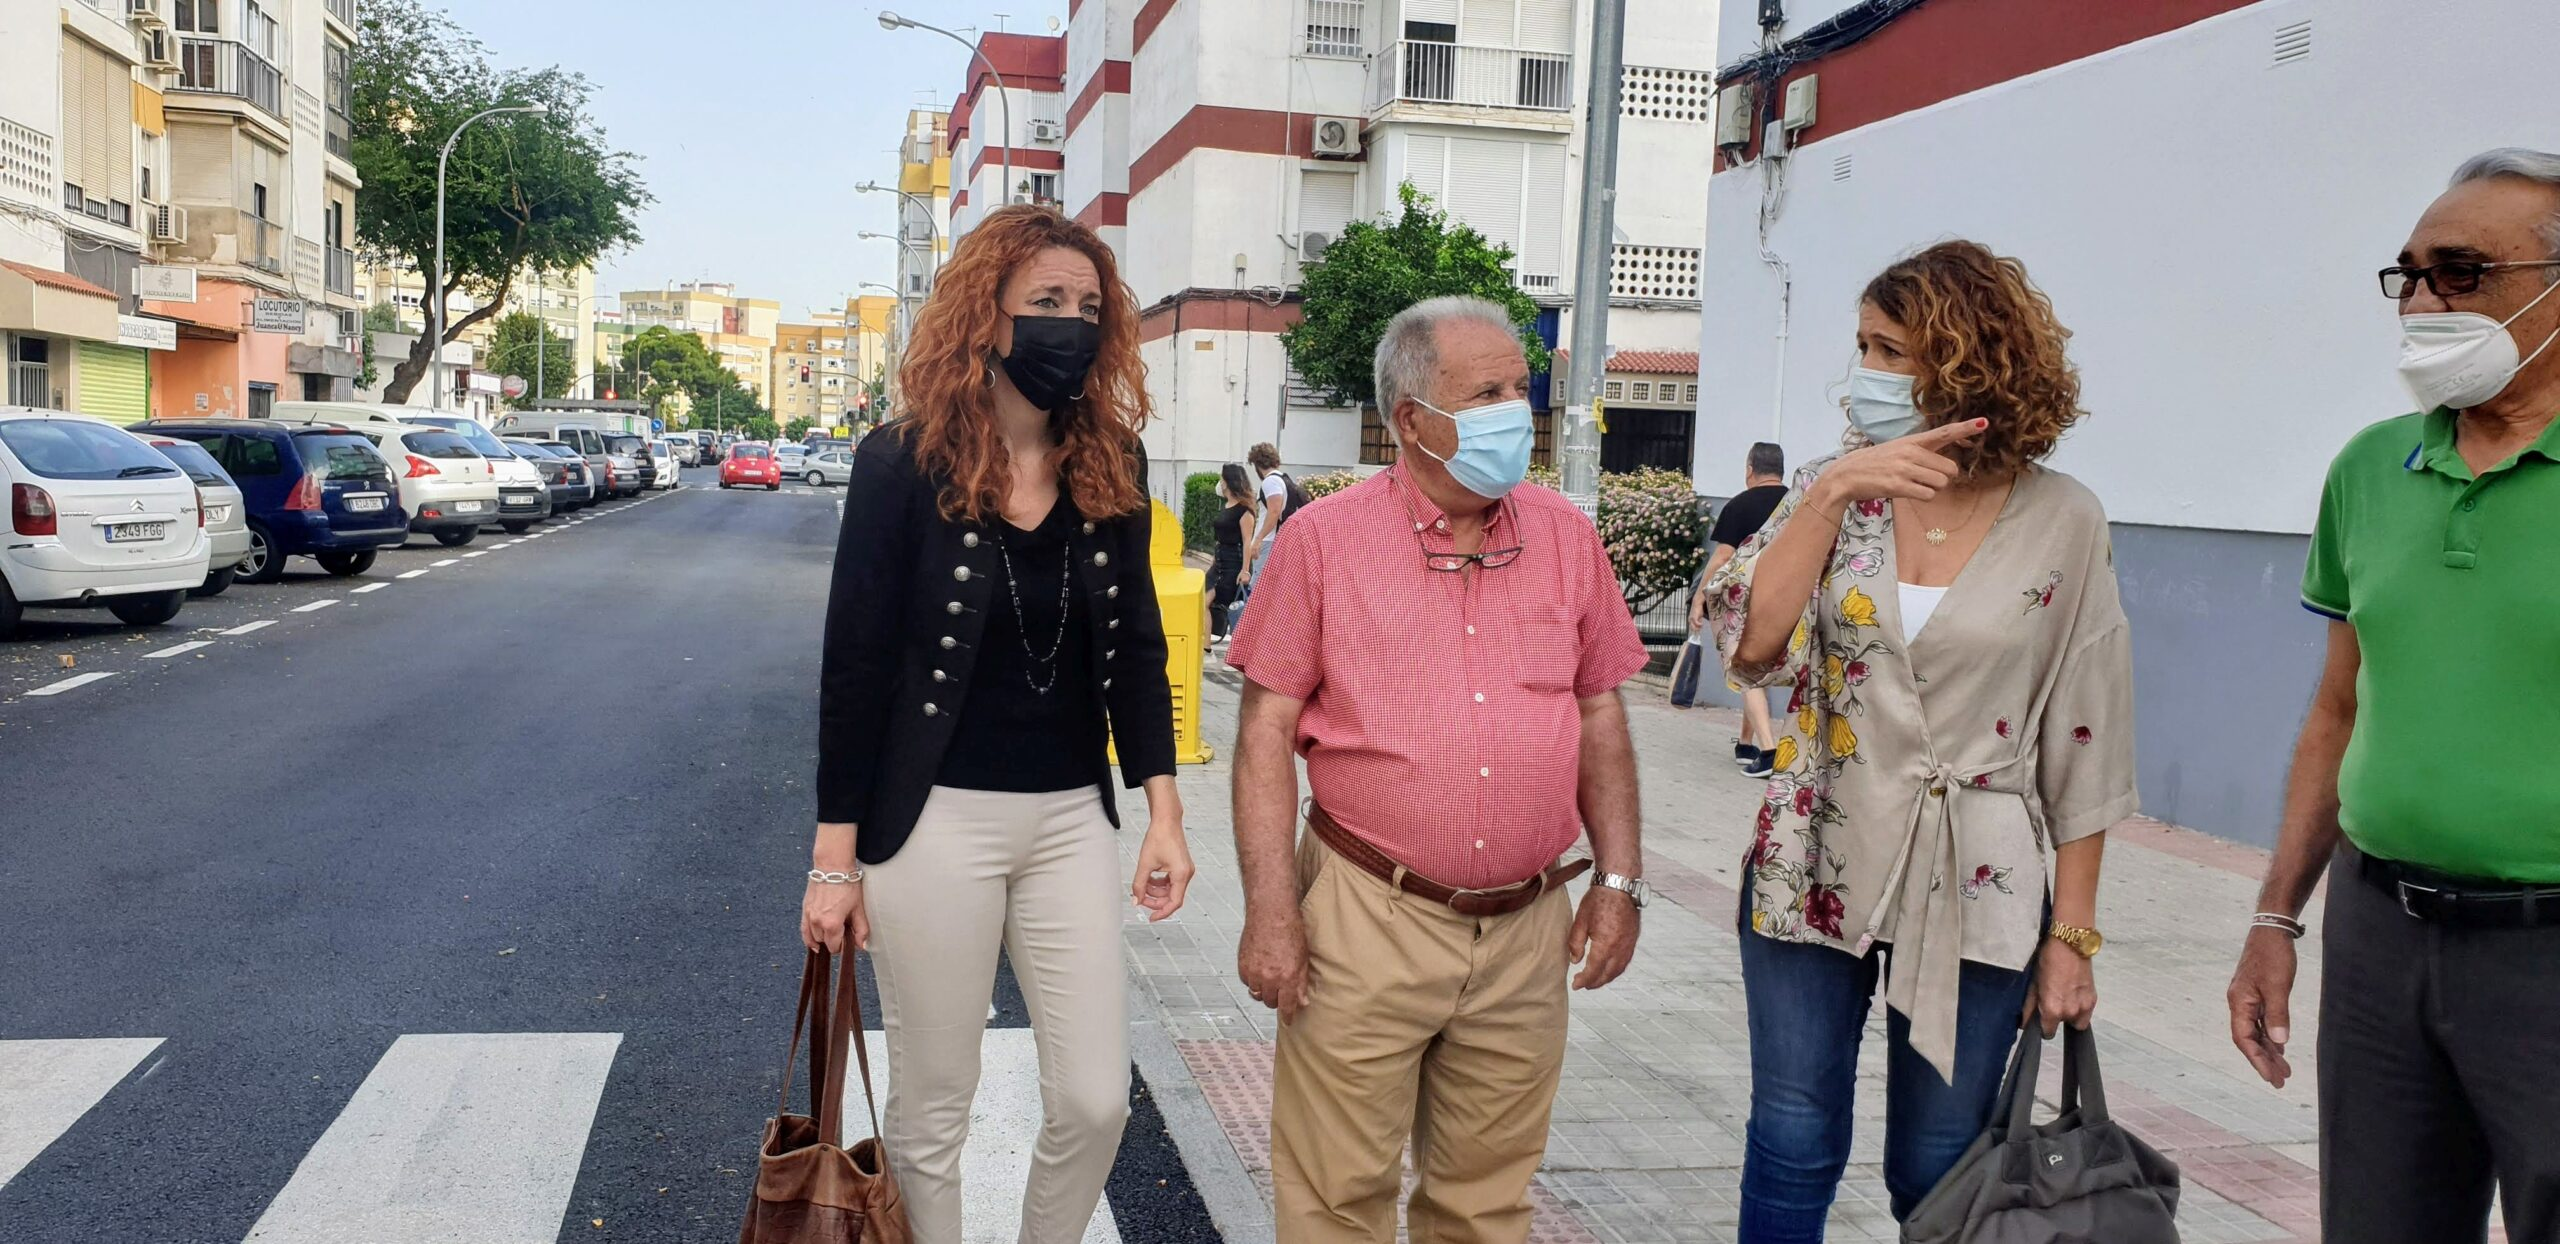 Culmina el asfaltado y ordenación de calles del Distrito Macarena